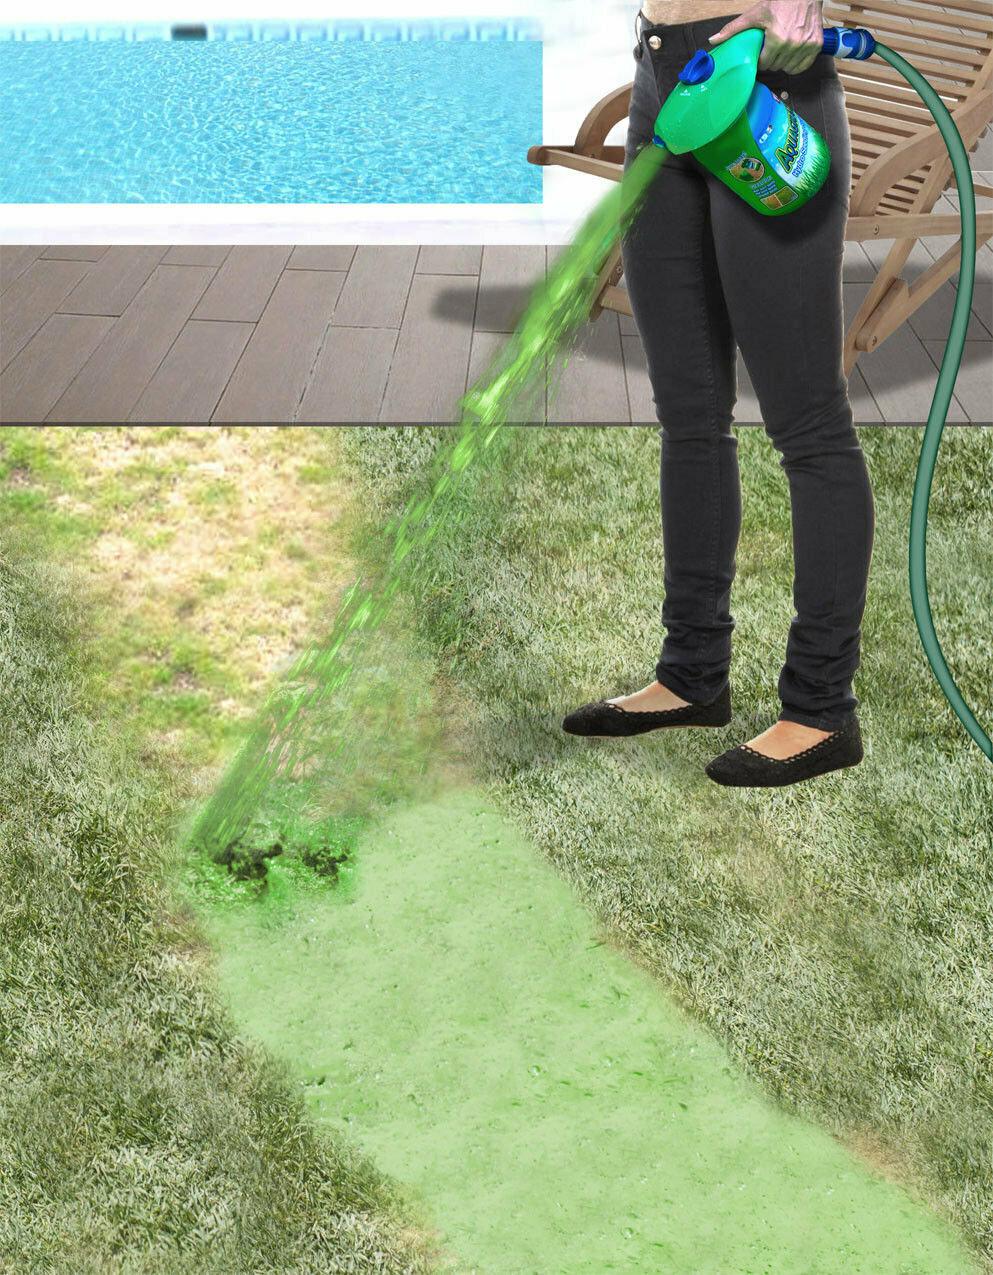 Жидкий газон hydro mousse: что это такое, инструкция по применению, отзывы и где купить?